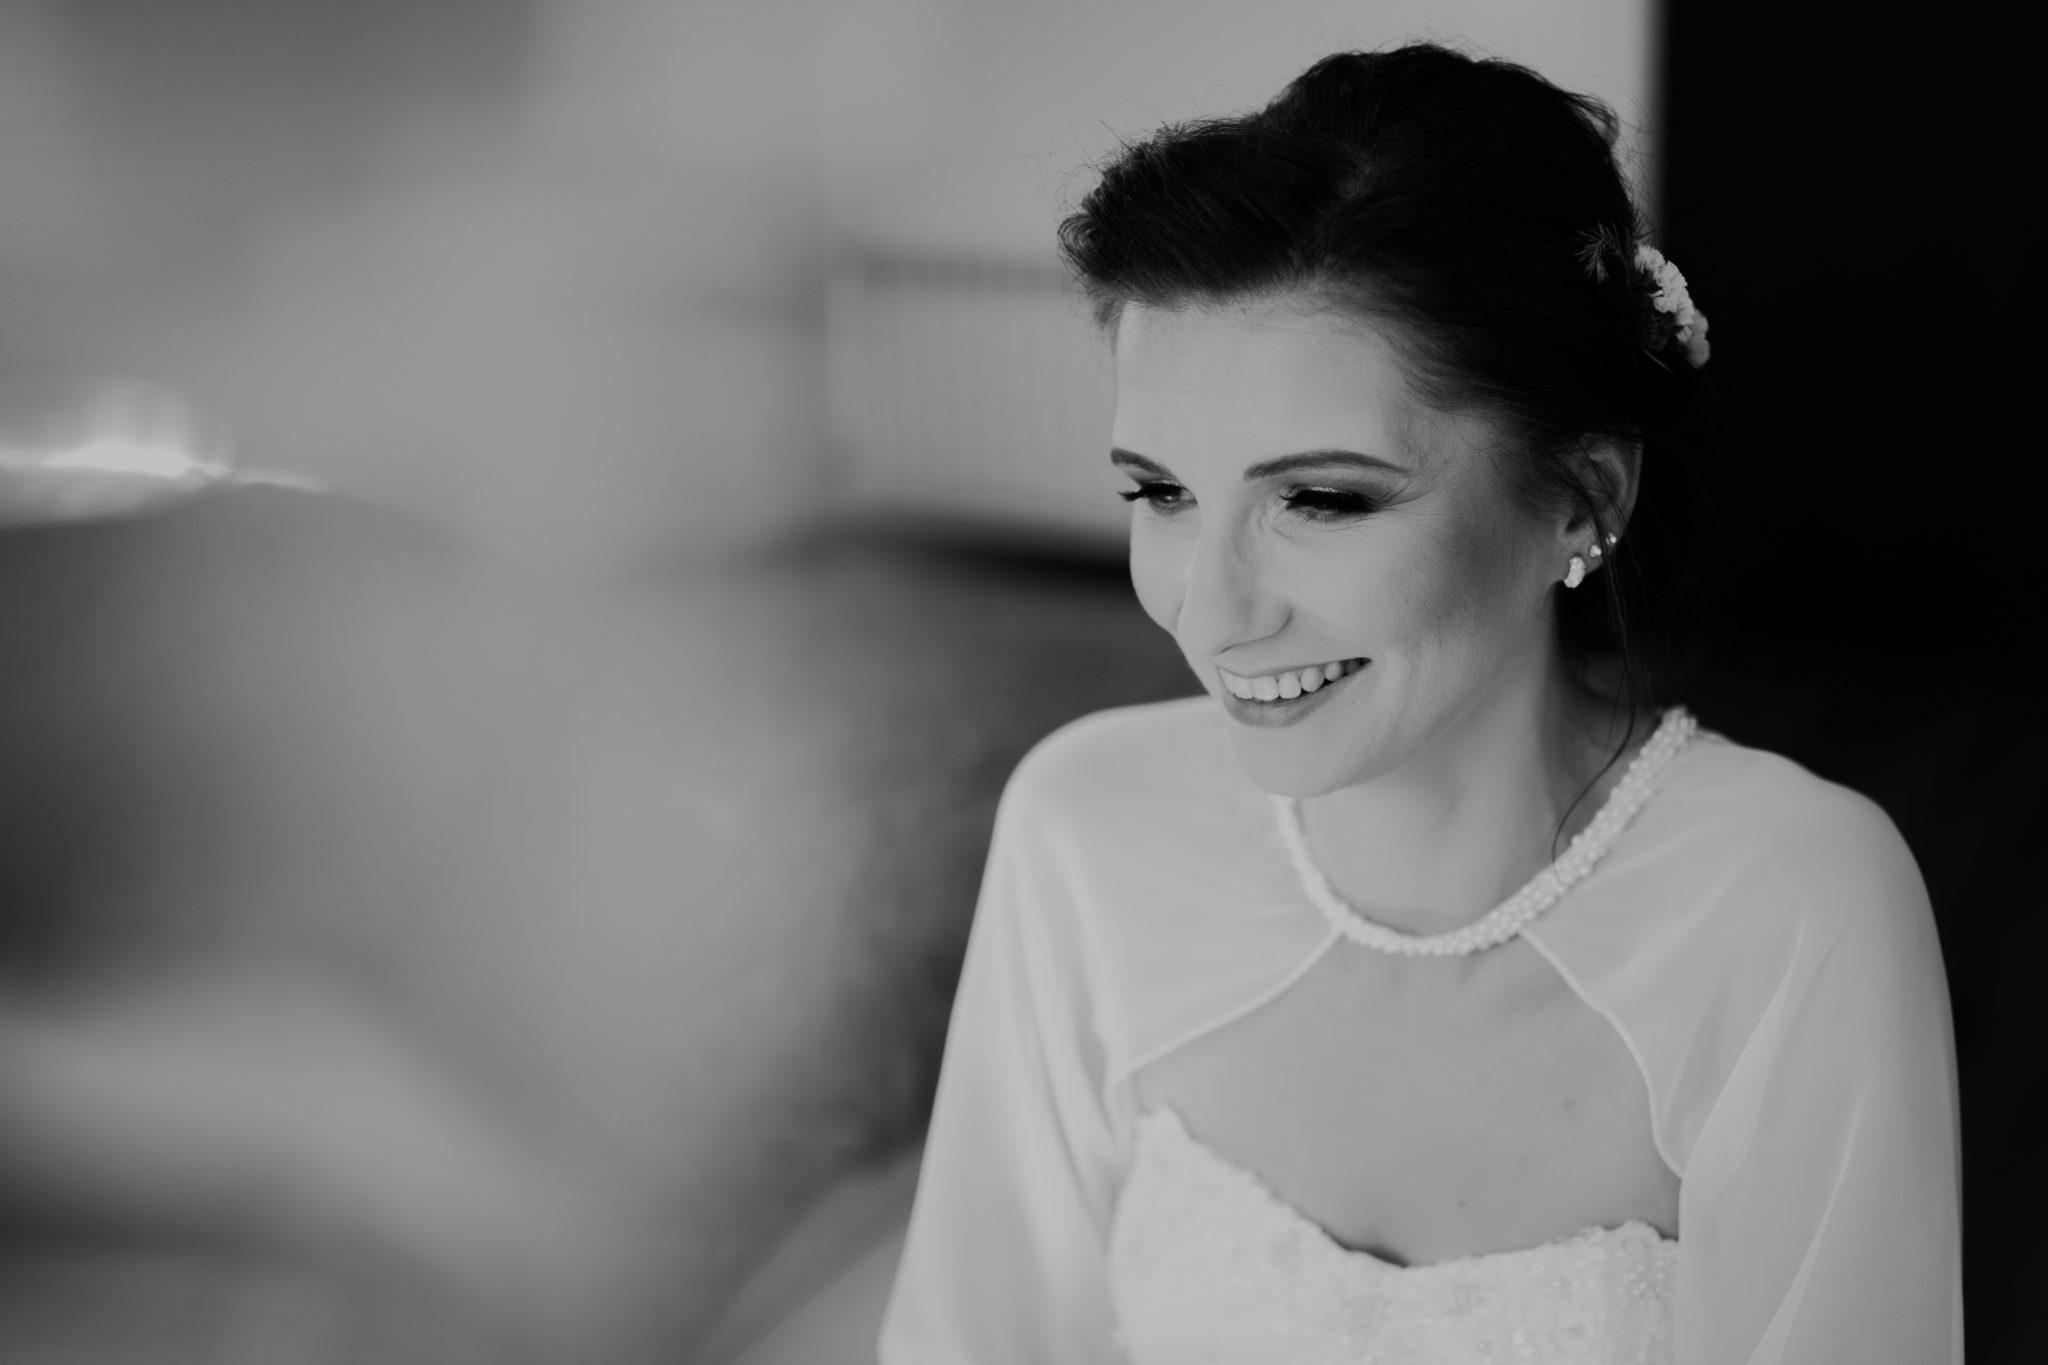 gosia i kuba33 1 - fotografiagk Fotografia ślubna RK wedding